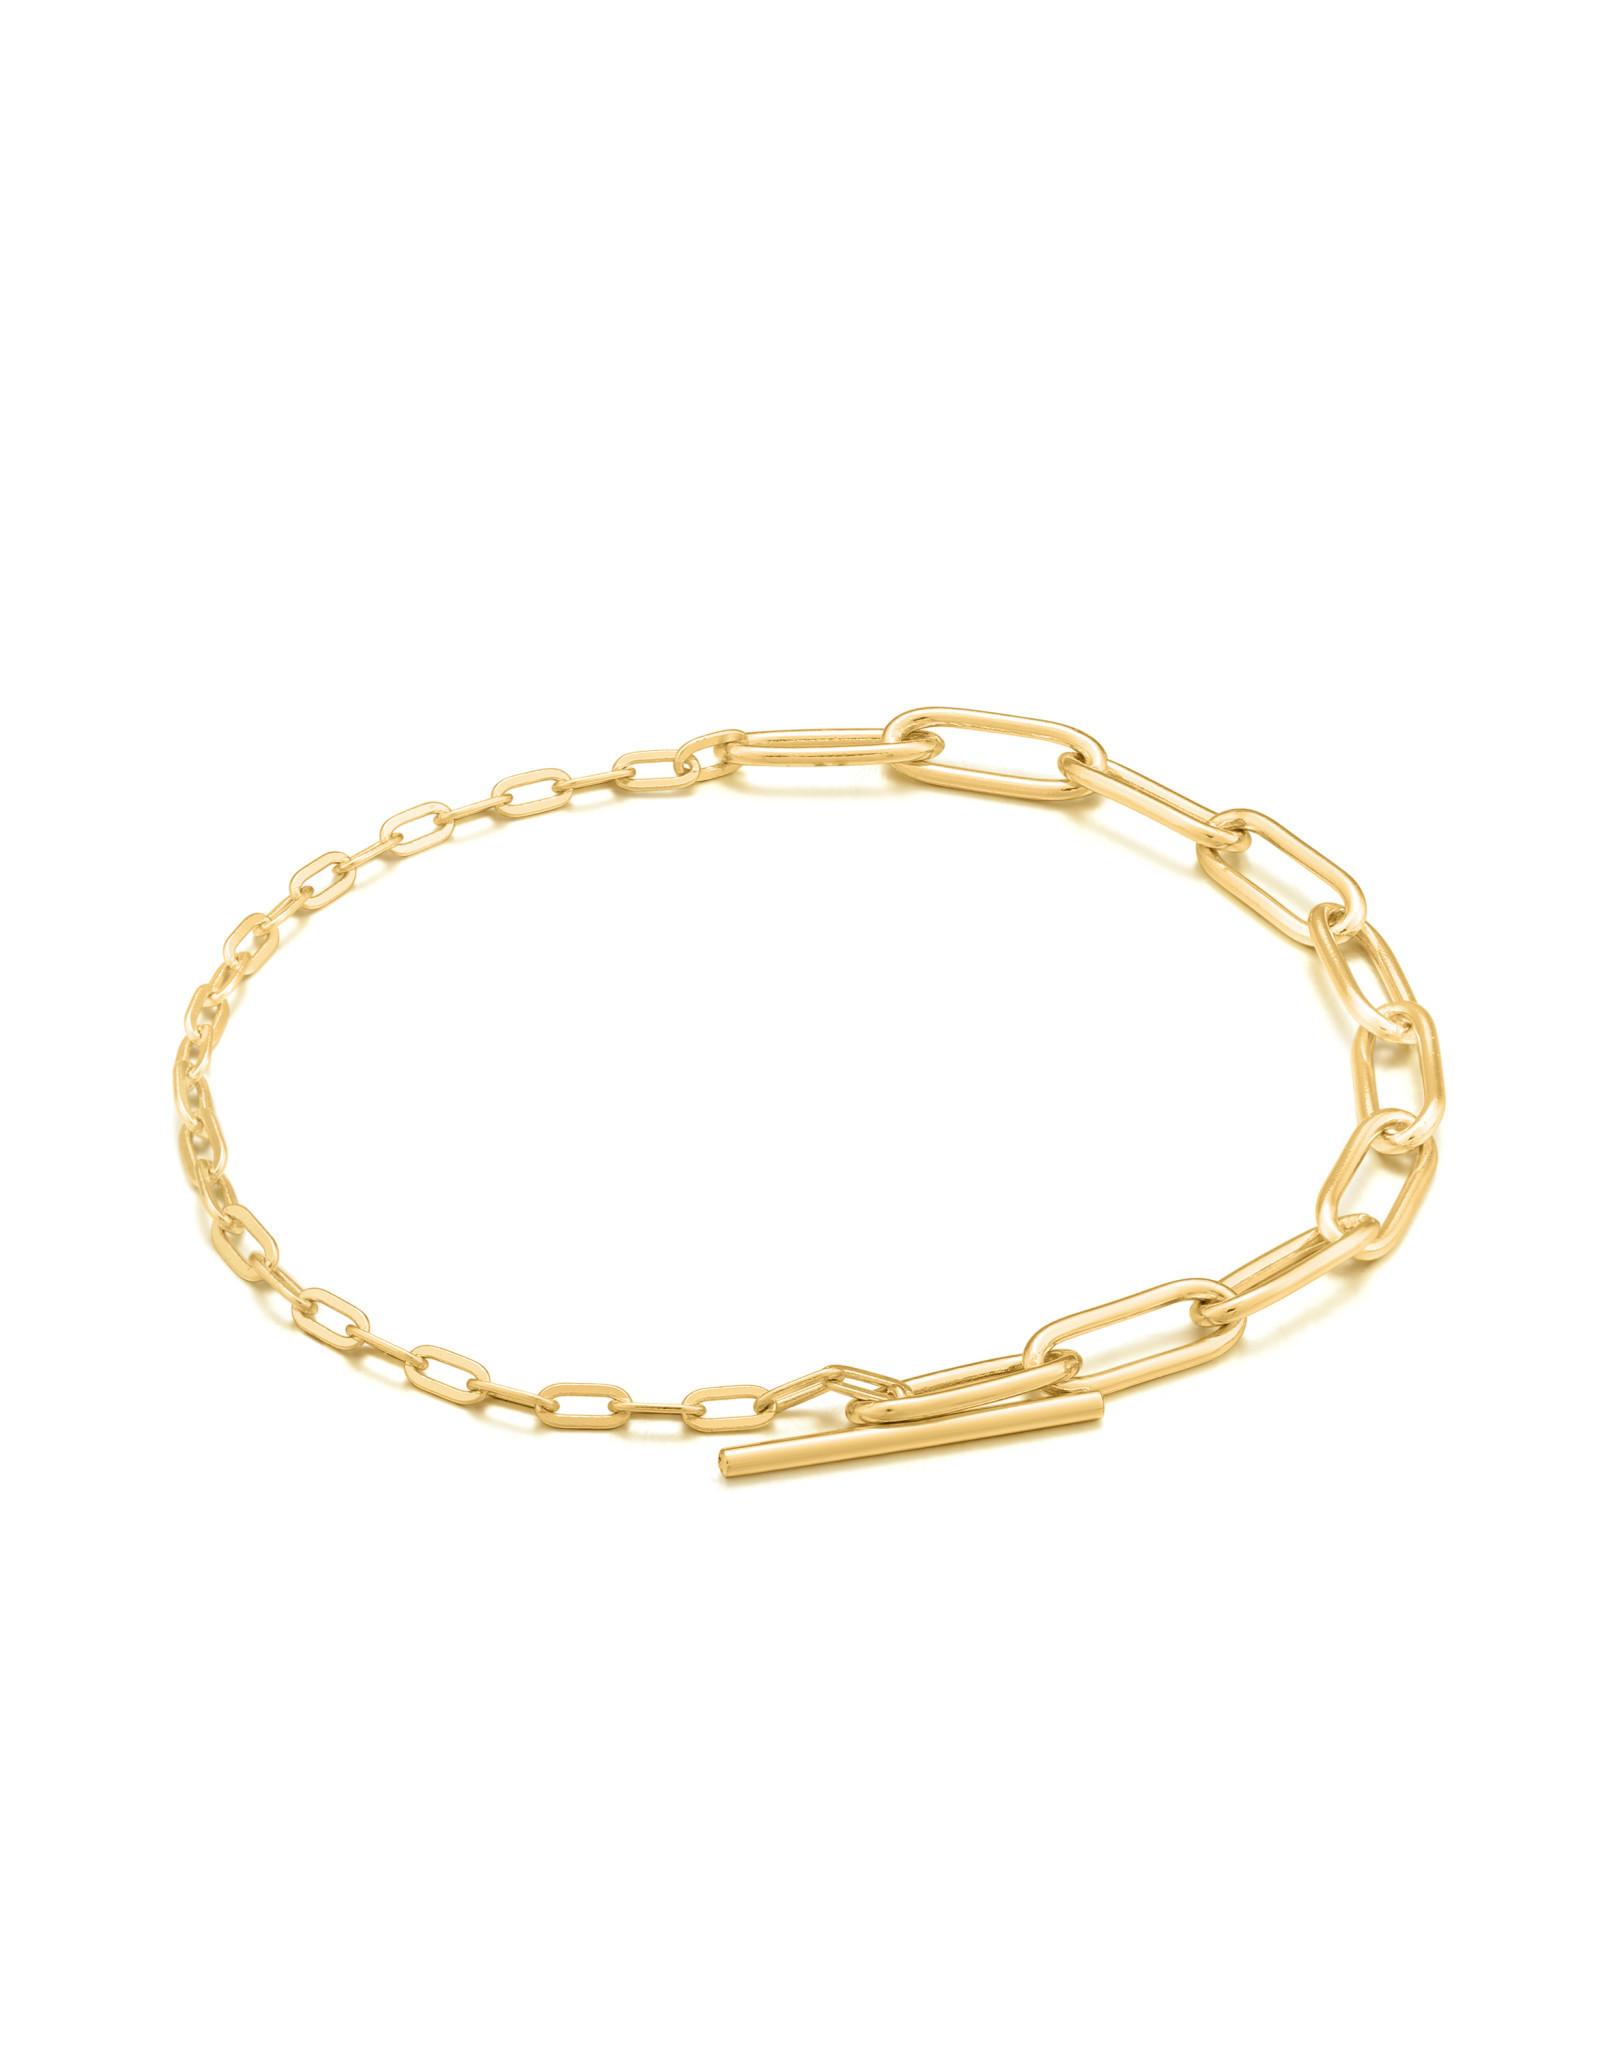 Ania Haie Ania haie - Mixed link T-bar bracelet gold